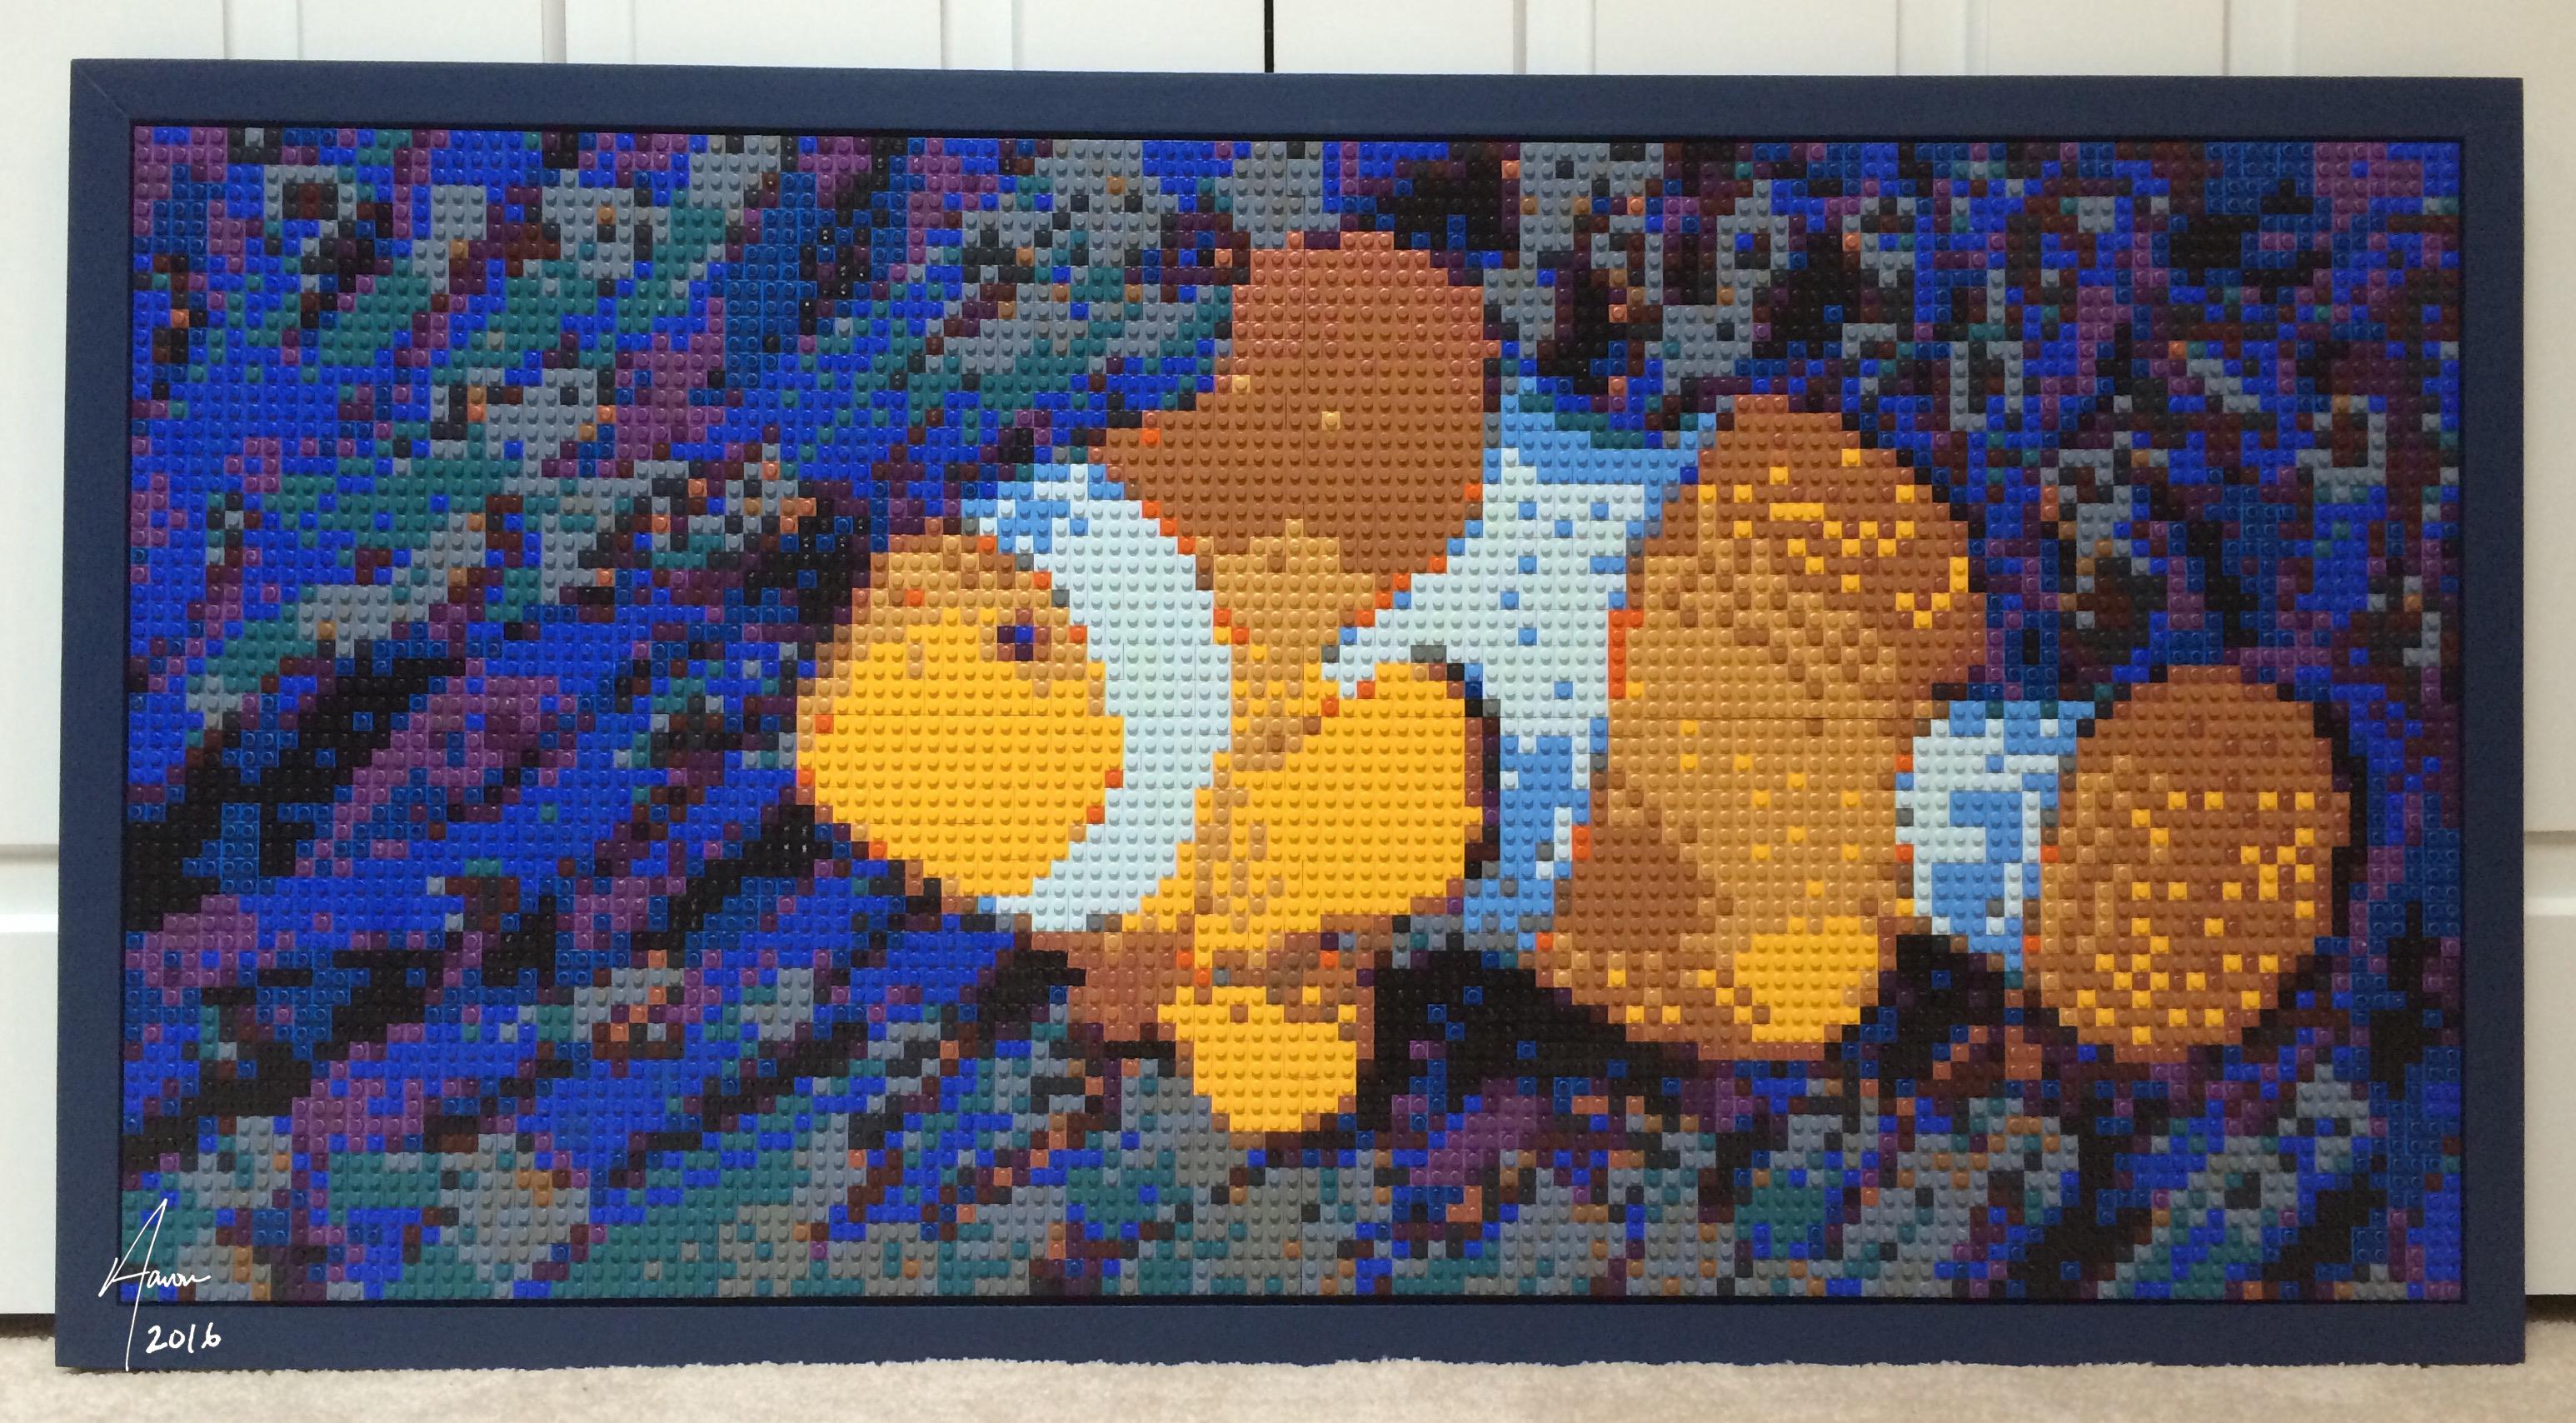 Clownfish & anemone LEGO mosaic